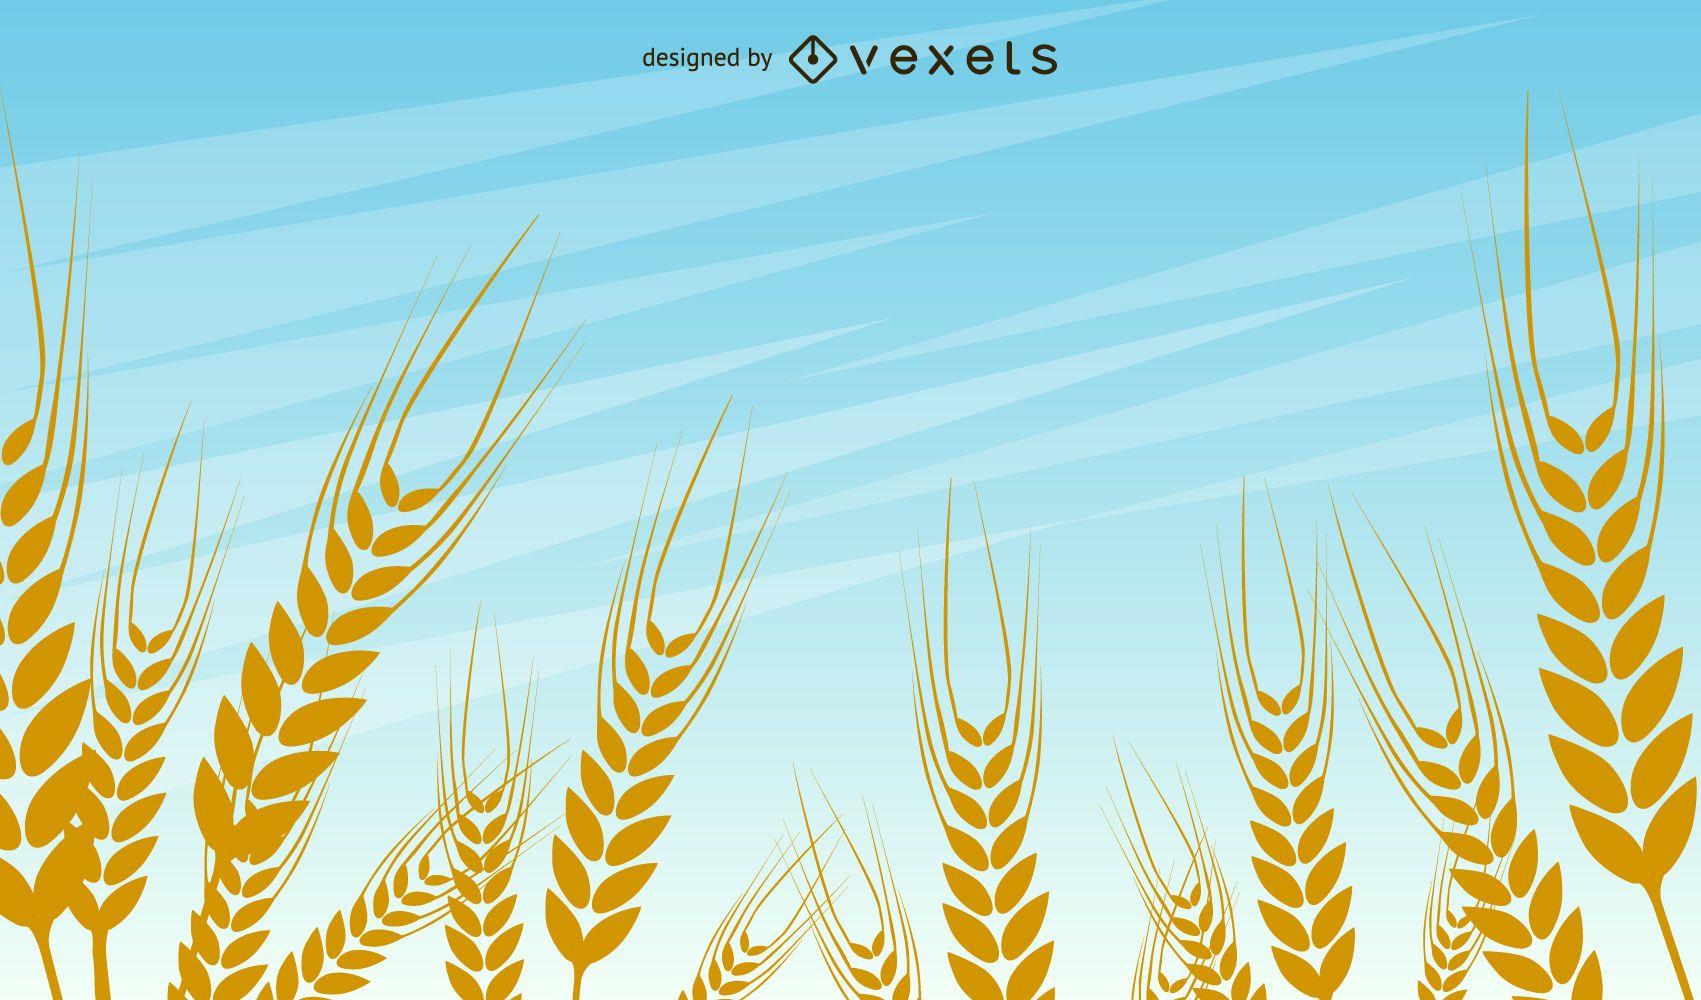 Wheat Vector 2 - Vector download